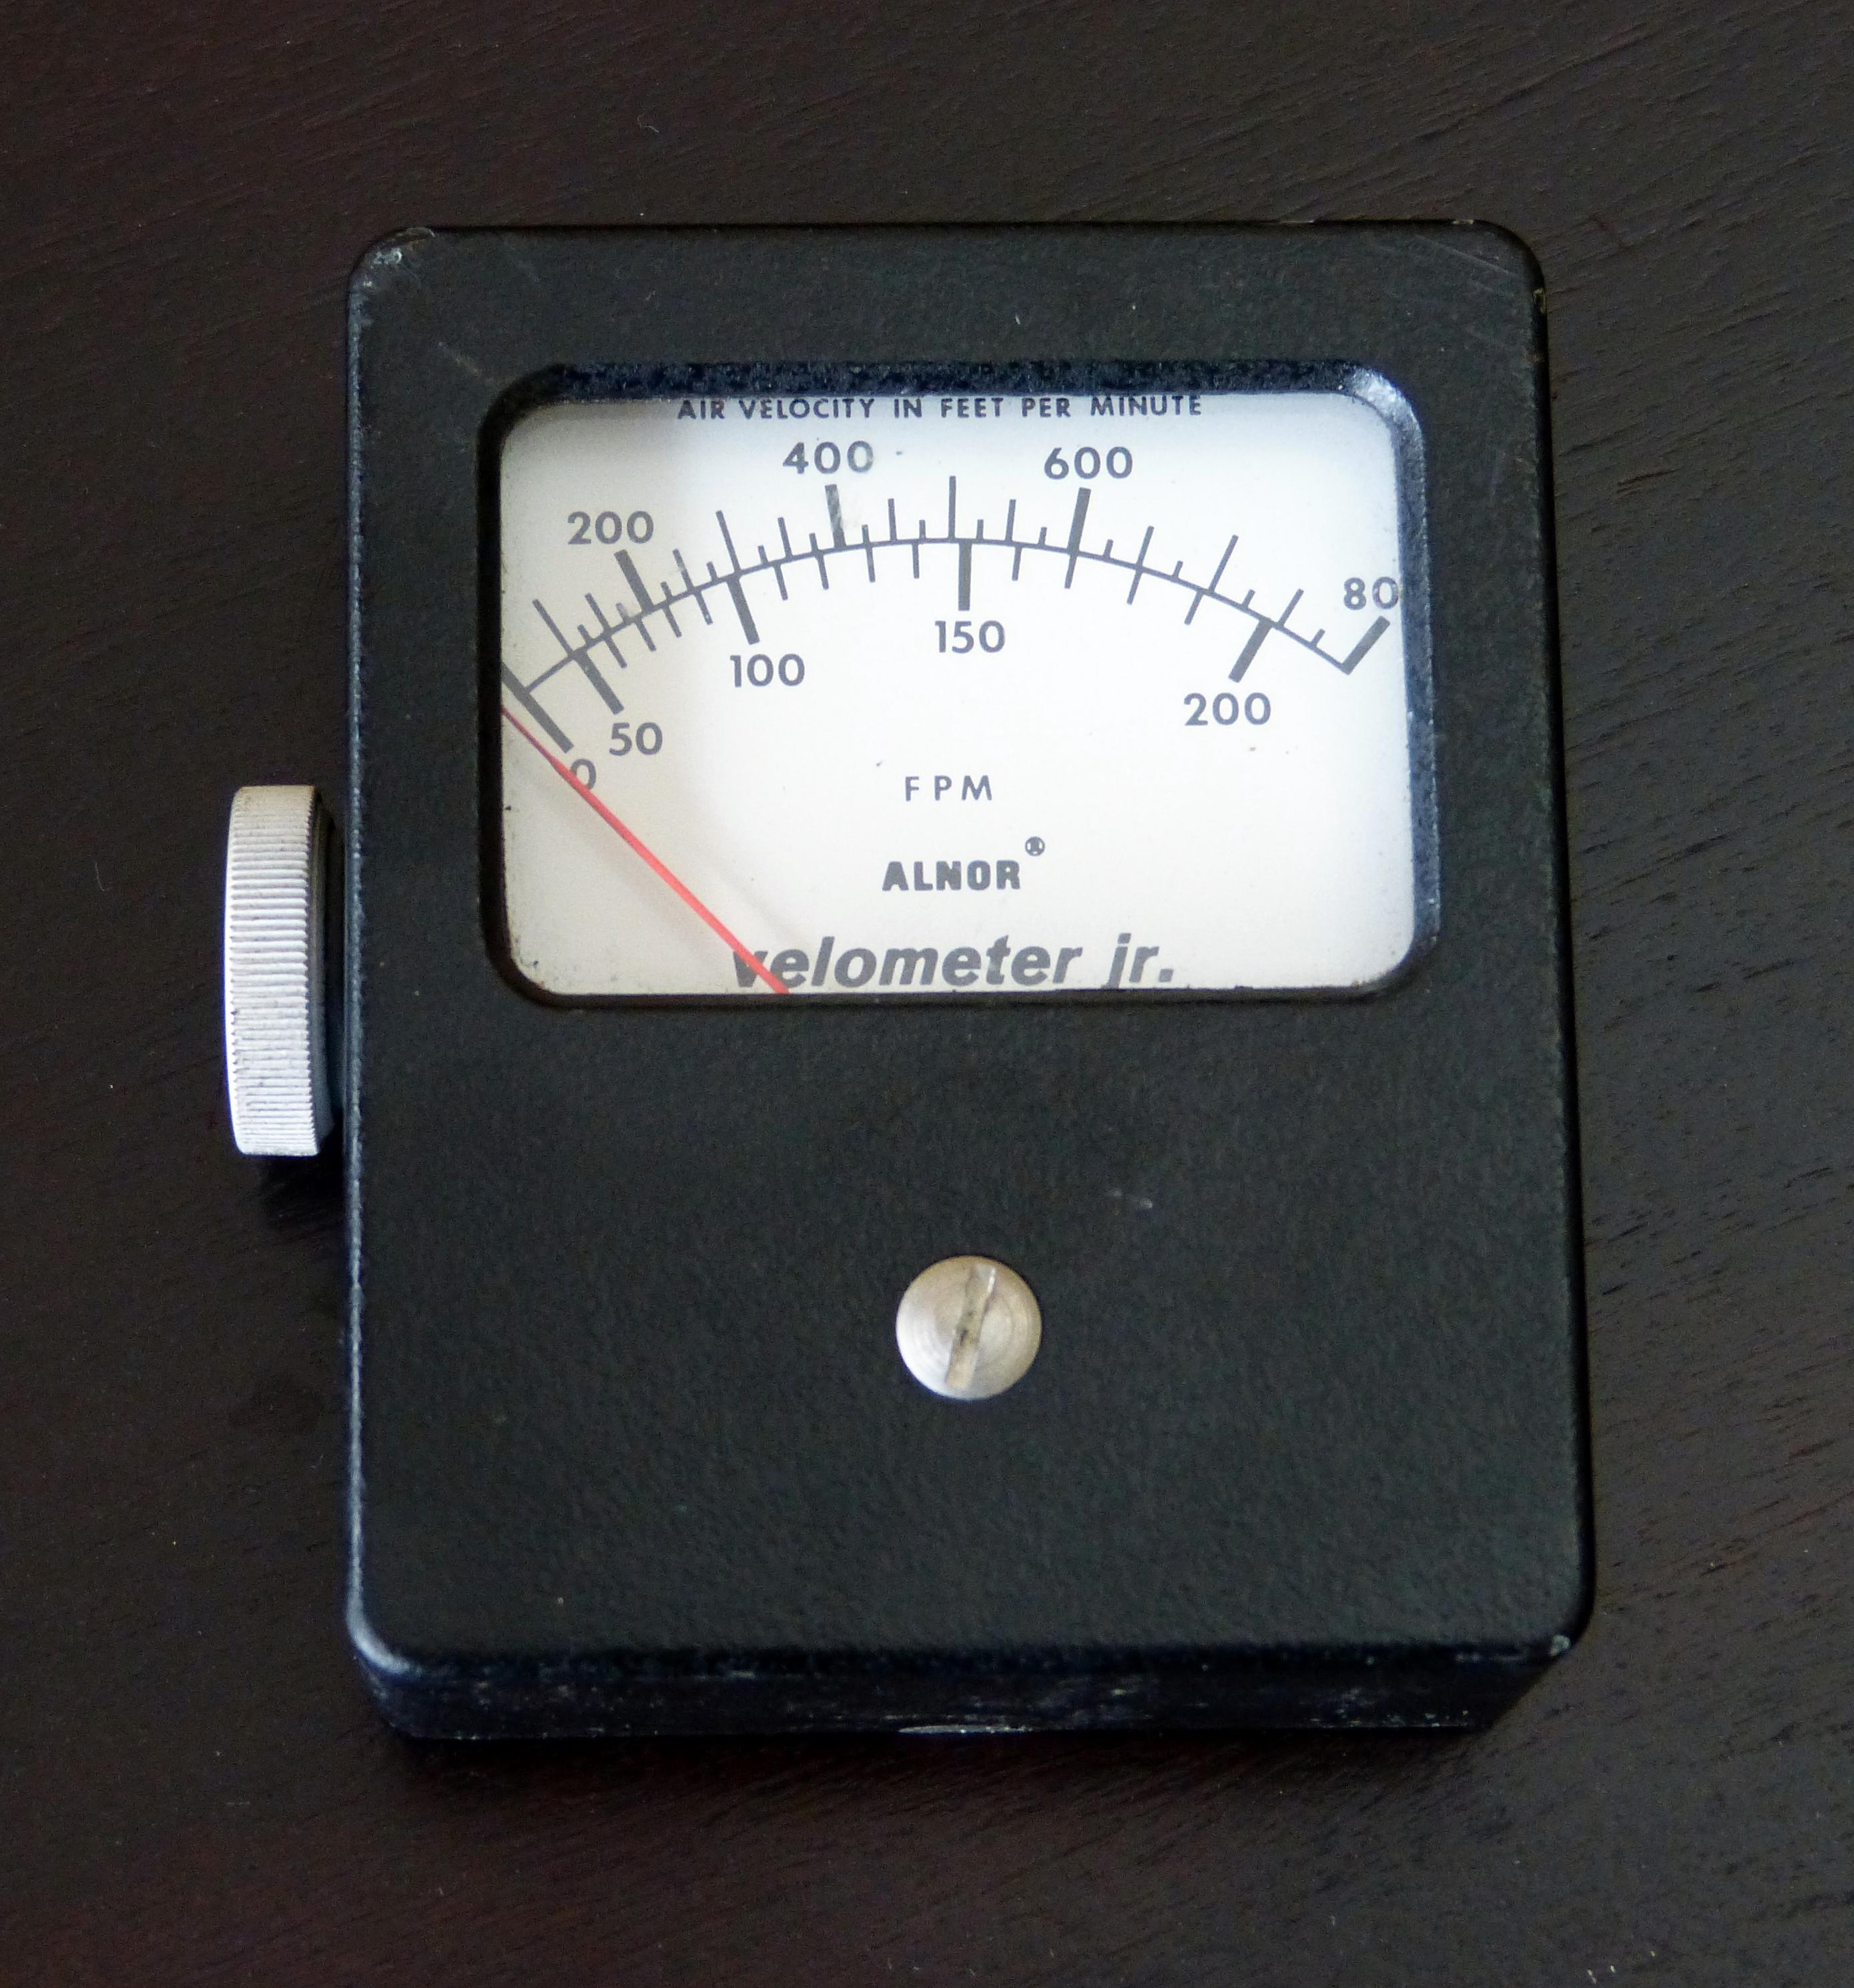 Velometer Jr ALNOR Model 0 200 800 FPM